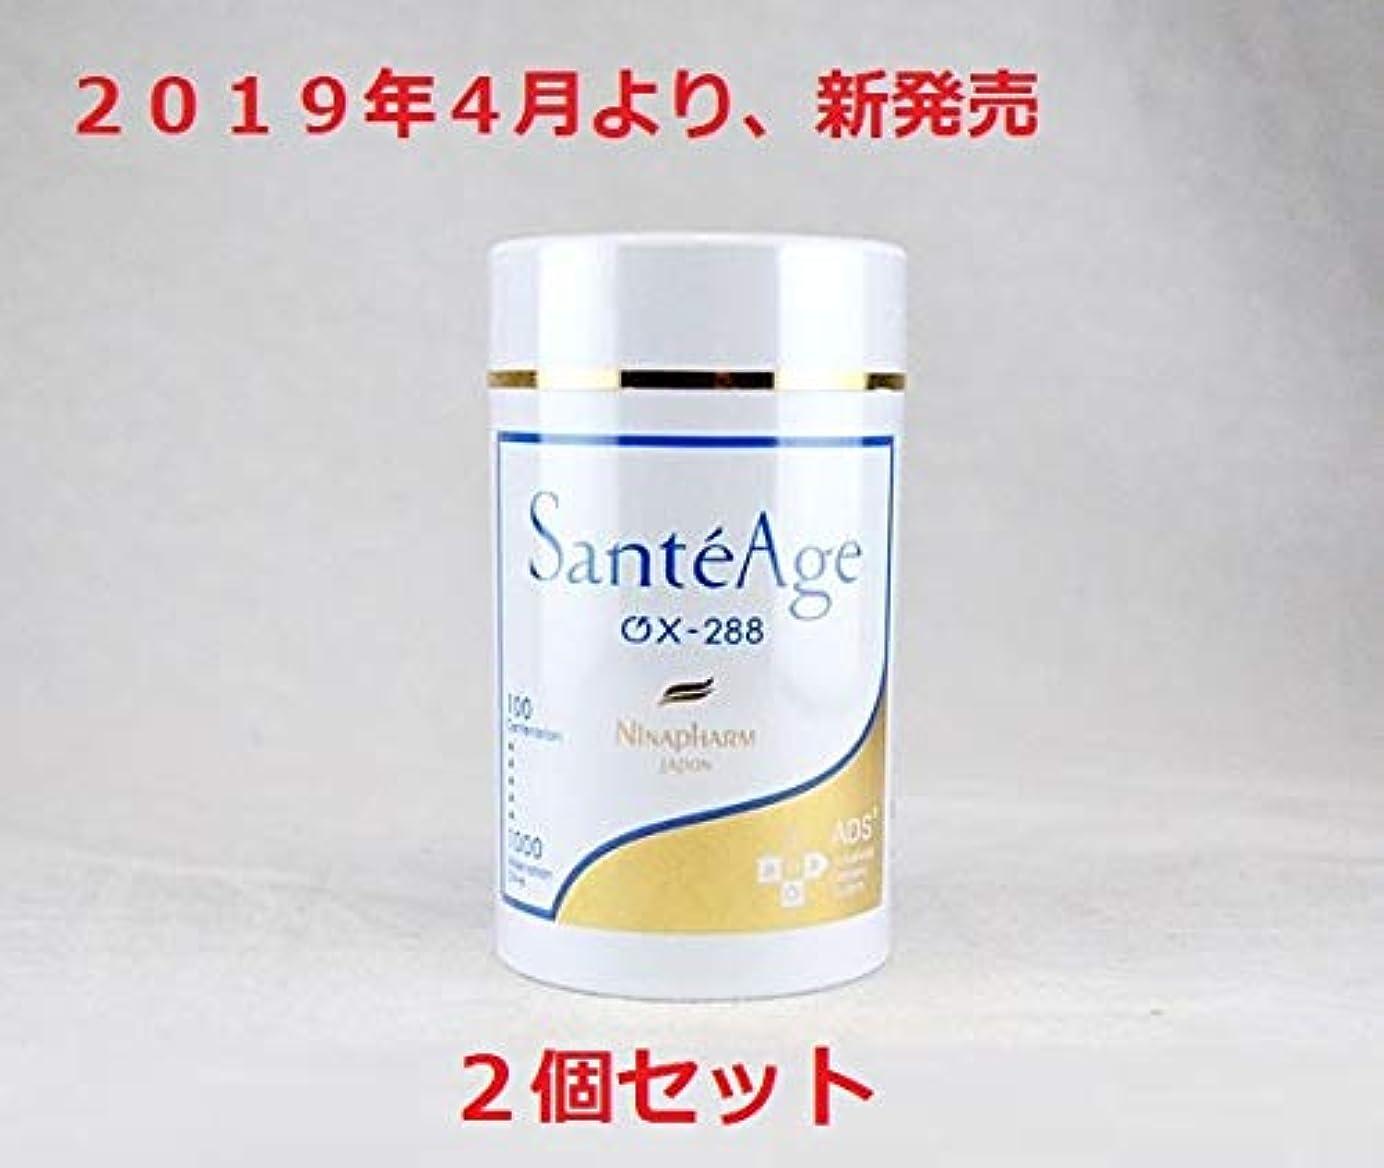 活発延ばす霜2個セット【ゴールドパッケージ】サンテアージュOX  ニナファーム